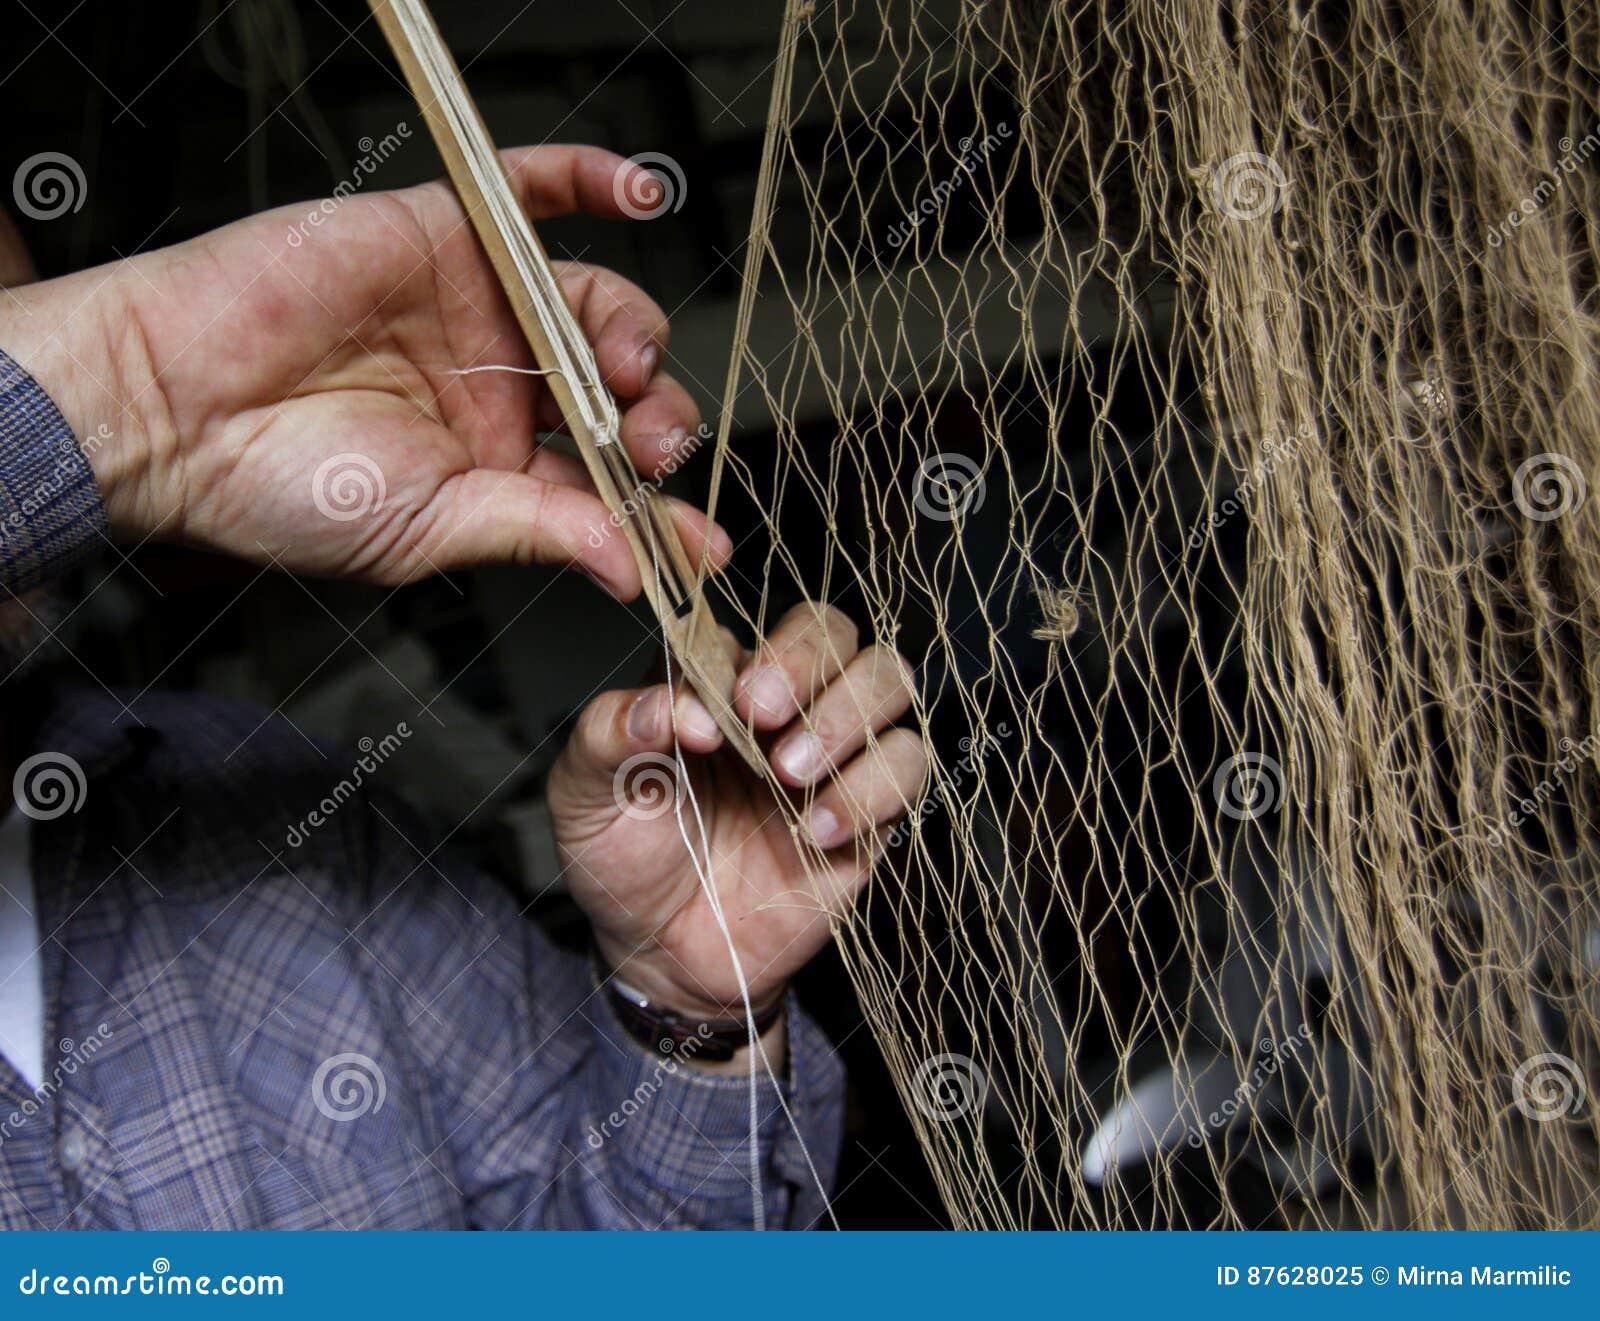 Red de pesca paching